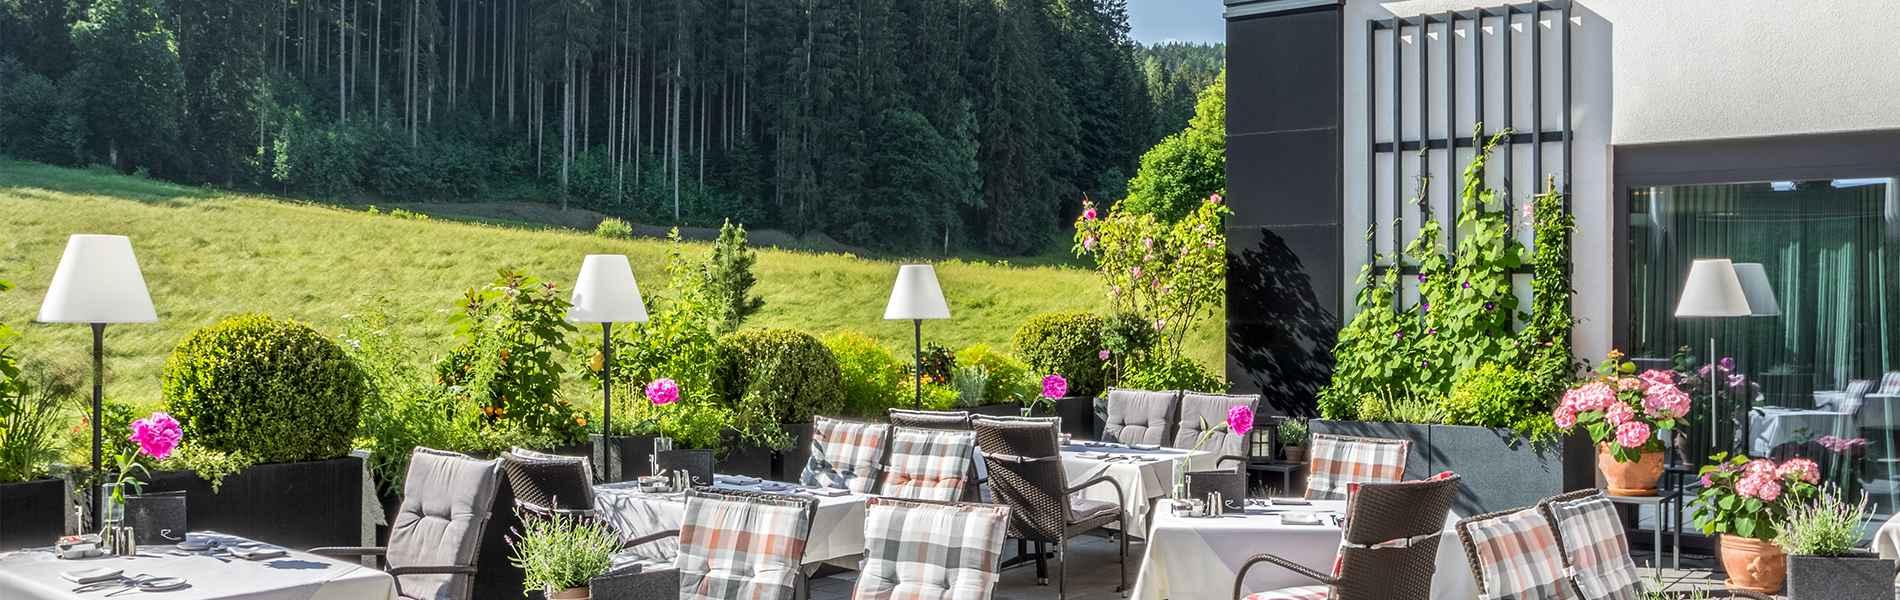 Relais Chateaux Hotel Restaurant Spa Rosengarten Kirchberg Tirol 5-Sterne Lifestyle Hotel Sommerurlaub